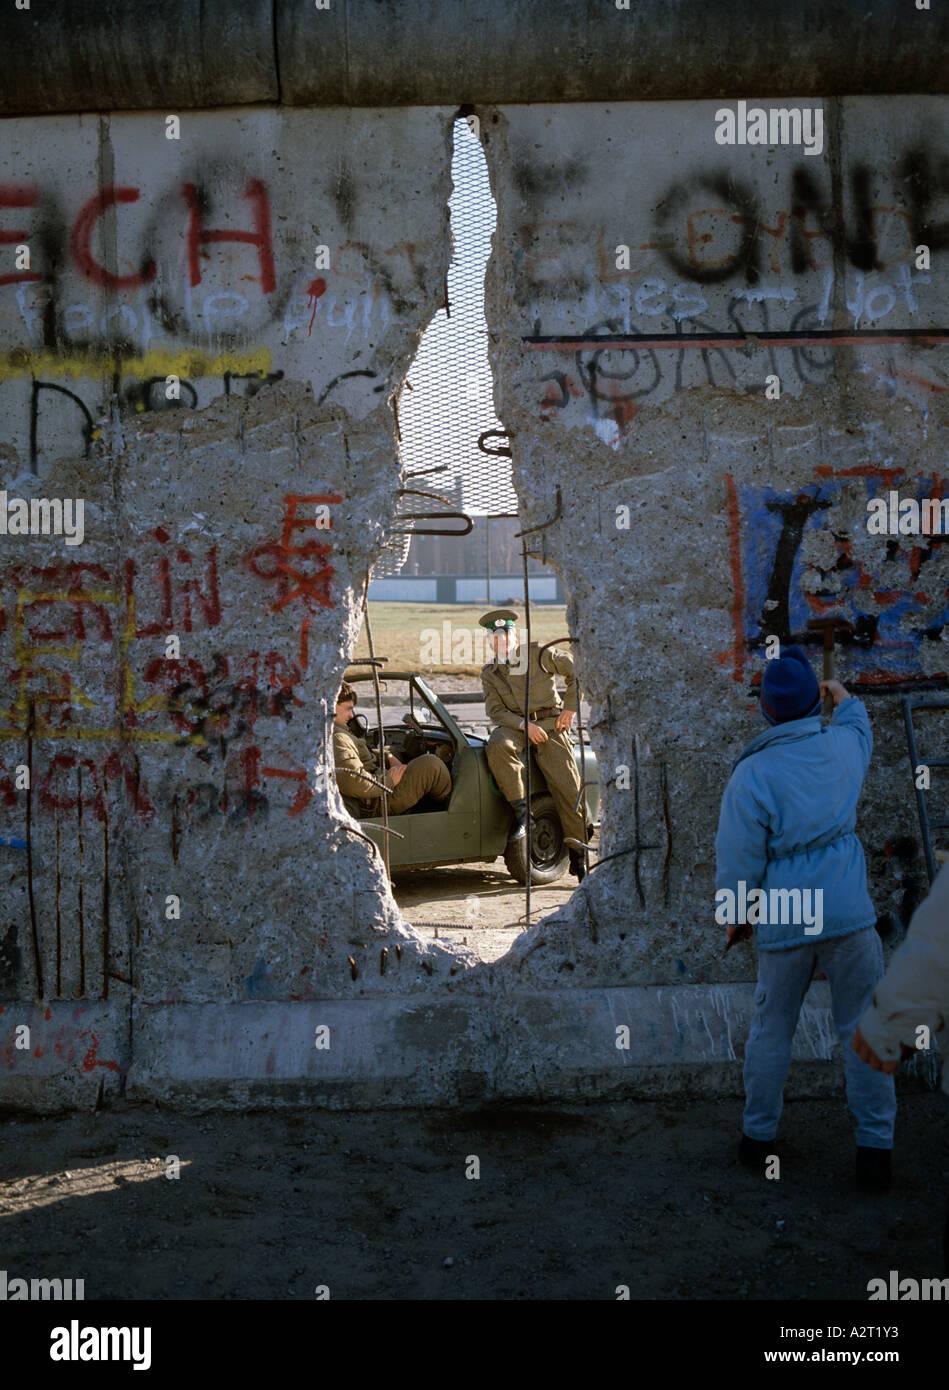 Europa Europa Deutschland Deutschland Berlin Mitte Maueroeffnung Berlin Berliner Mauer die Mauer Stockbild